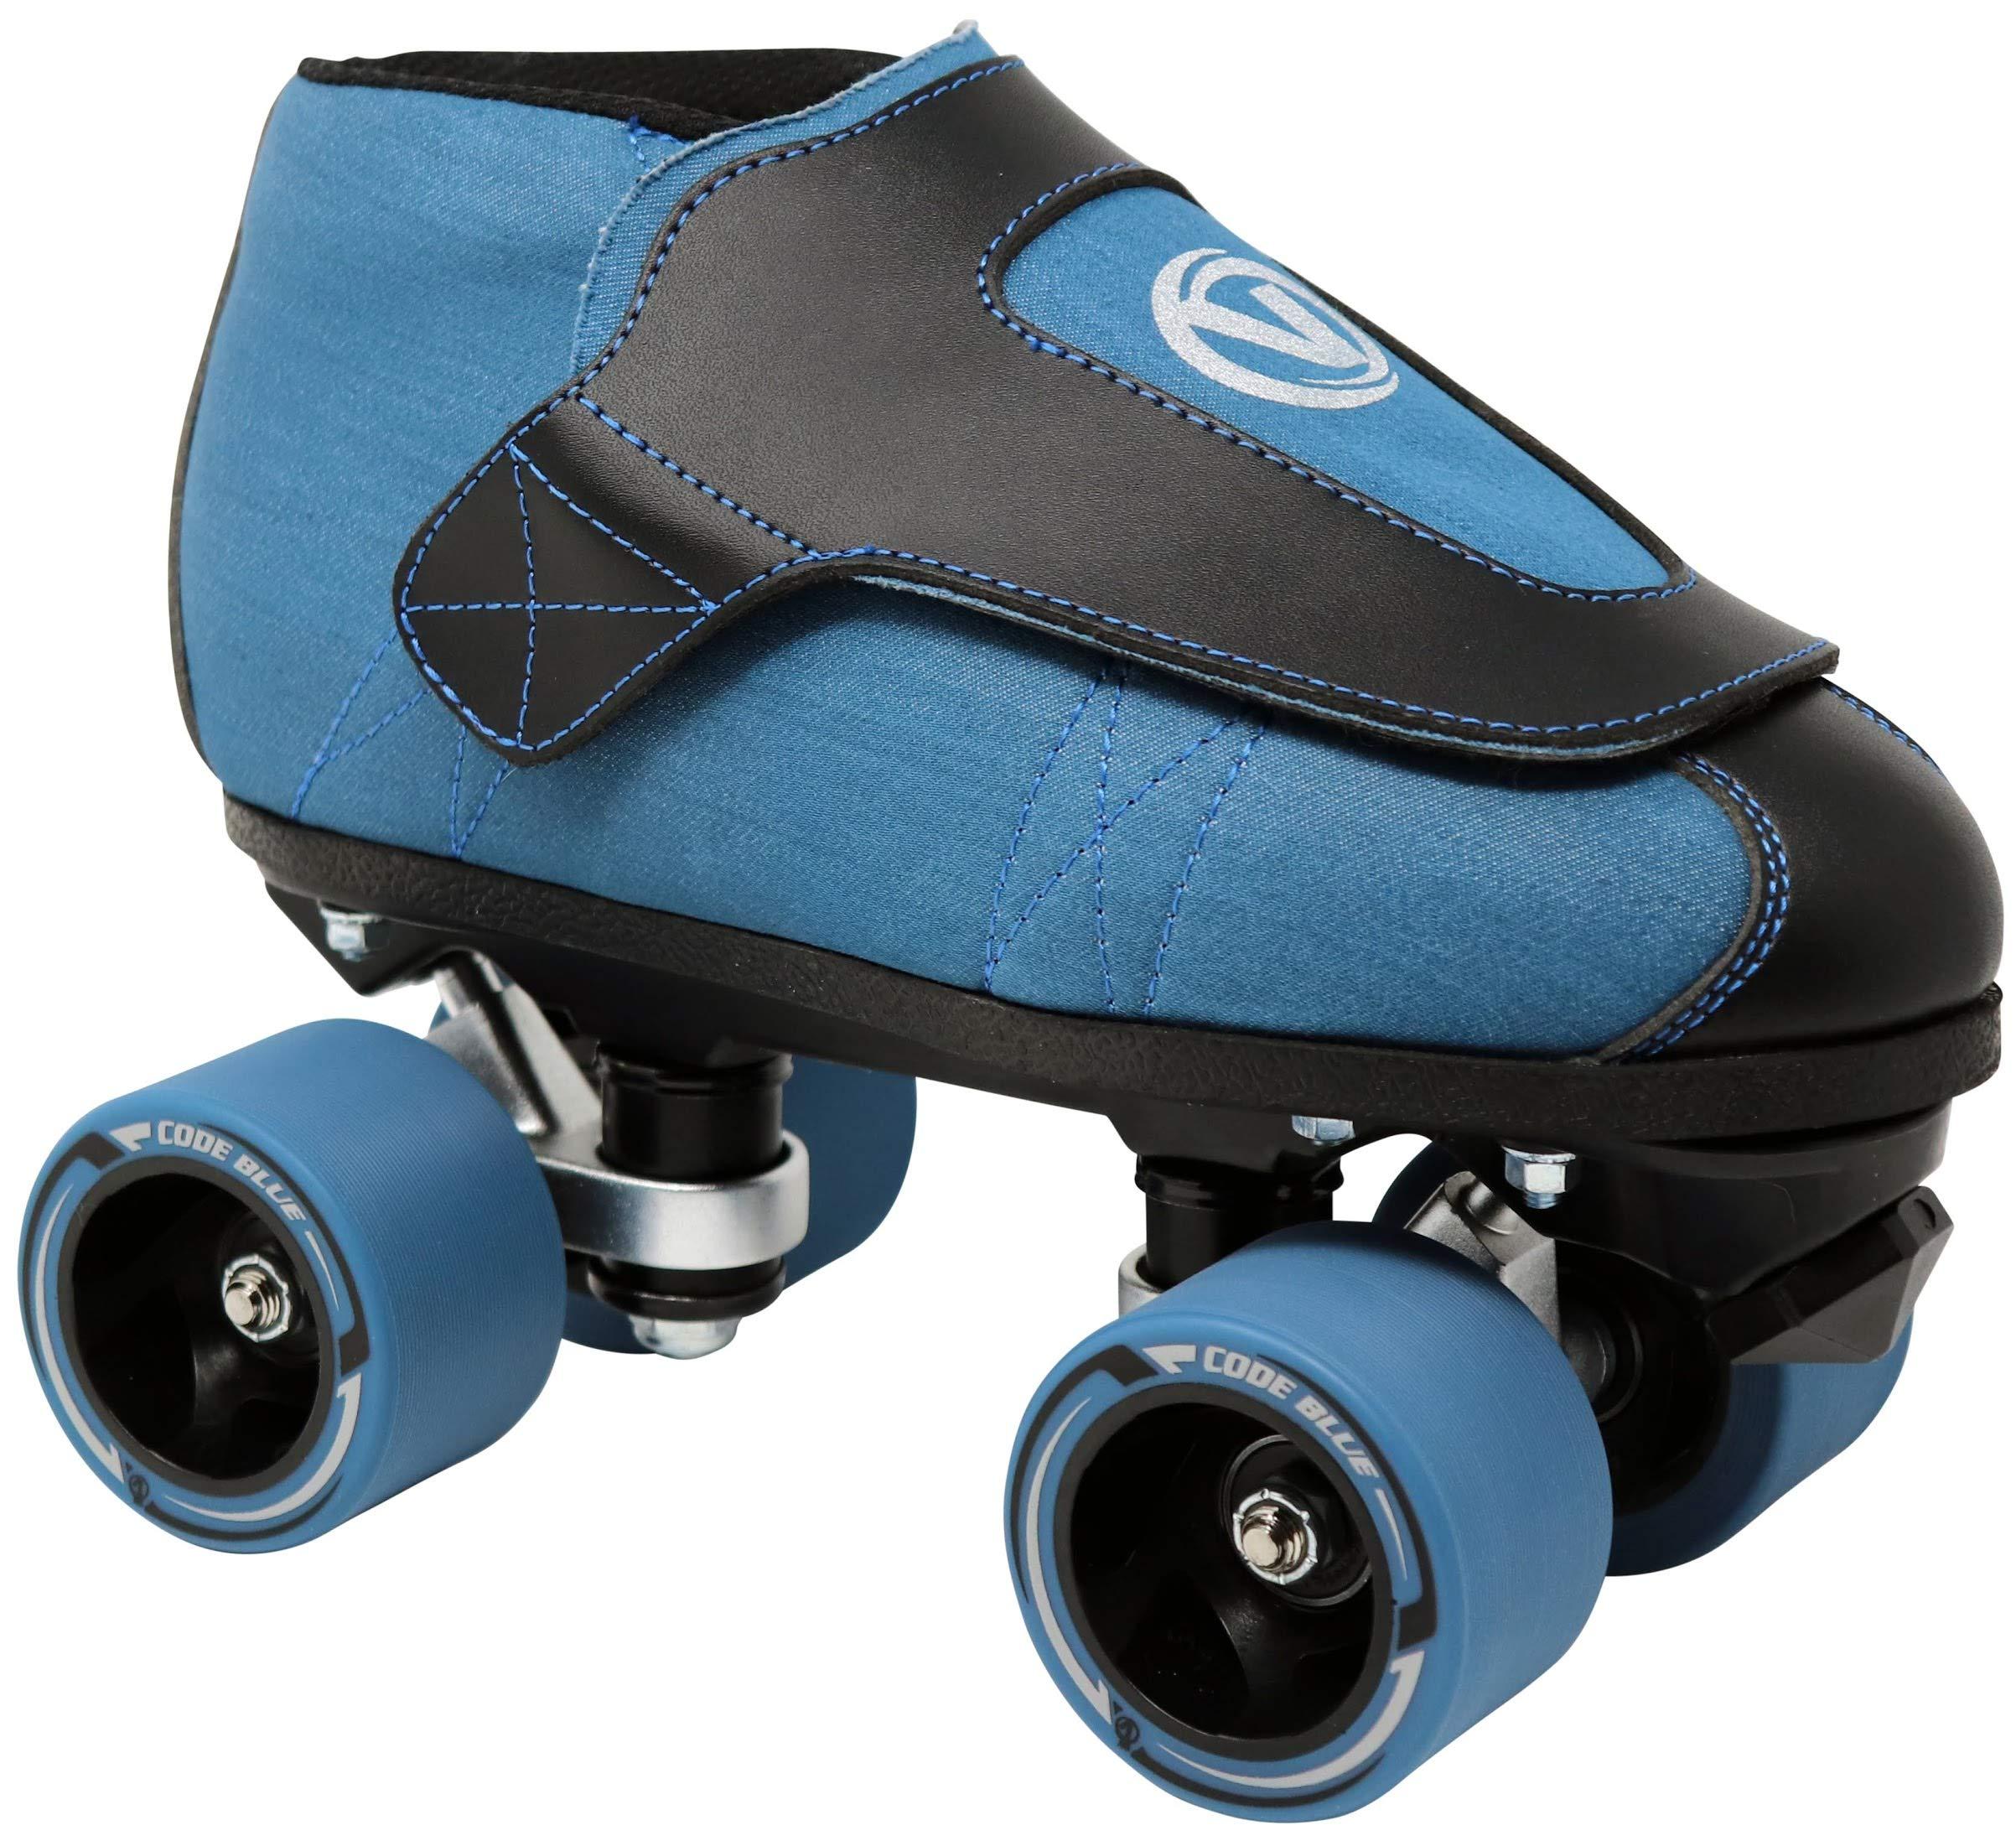 VNLA Code Blue Jam Skate - Mens & Womens Speed Skates - Quad Skates for Women & Men - Adjustable Roller Skate/Rollerskates - Outdoor & Indoor Adult Quad Skate - Kid/Kids Roller Skates (Size 7)